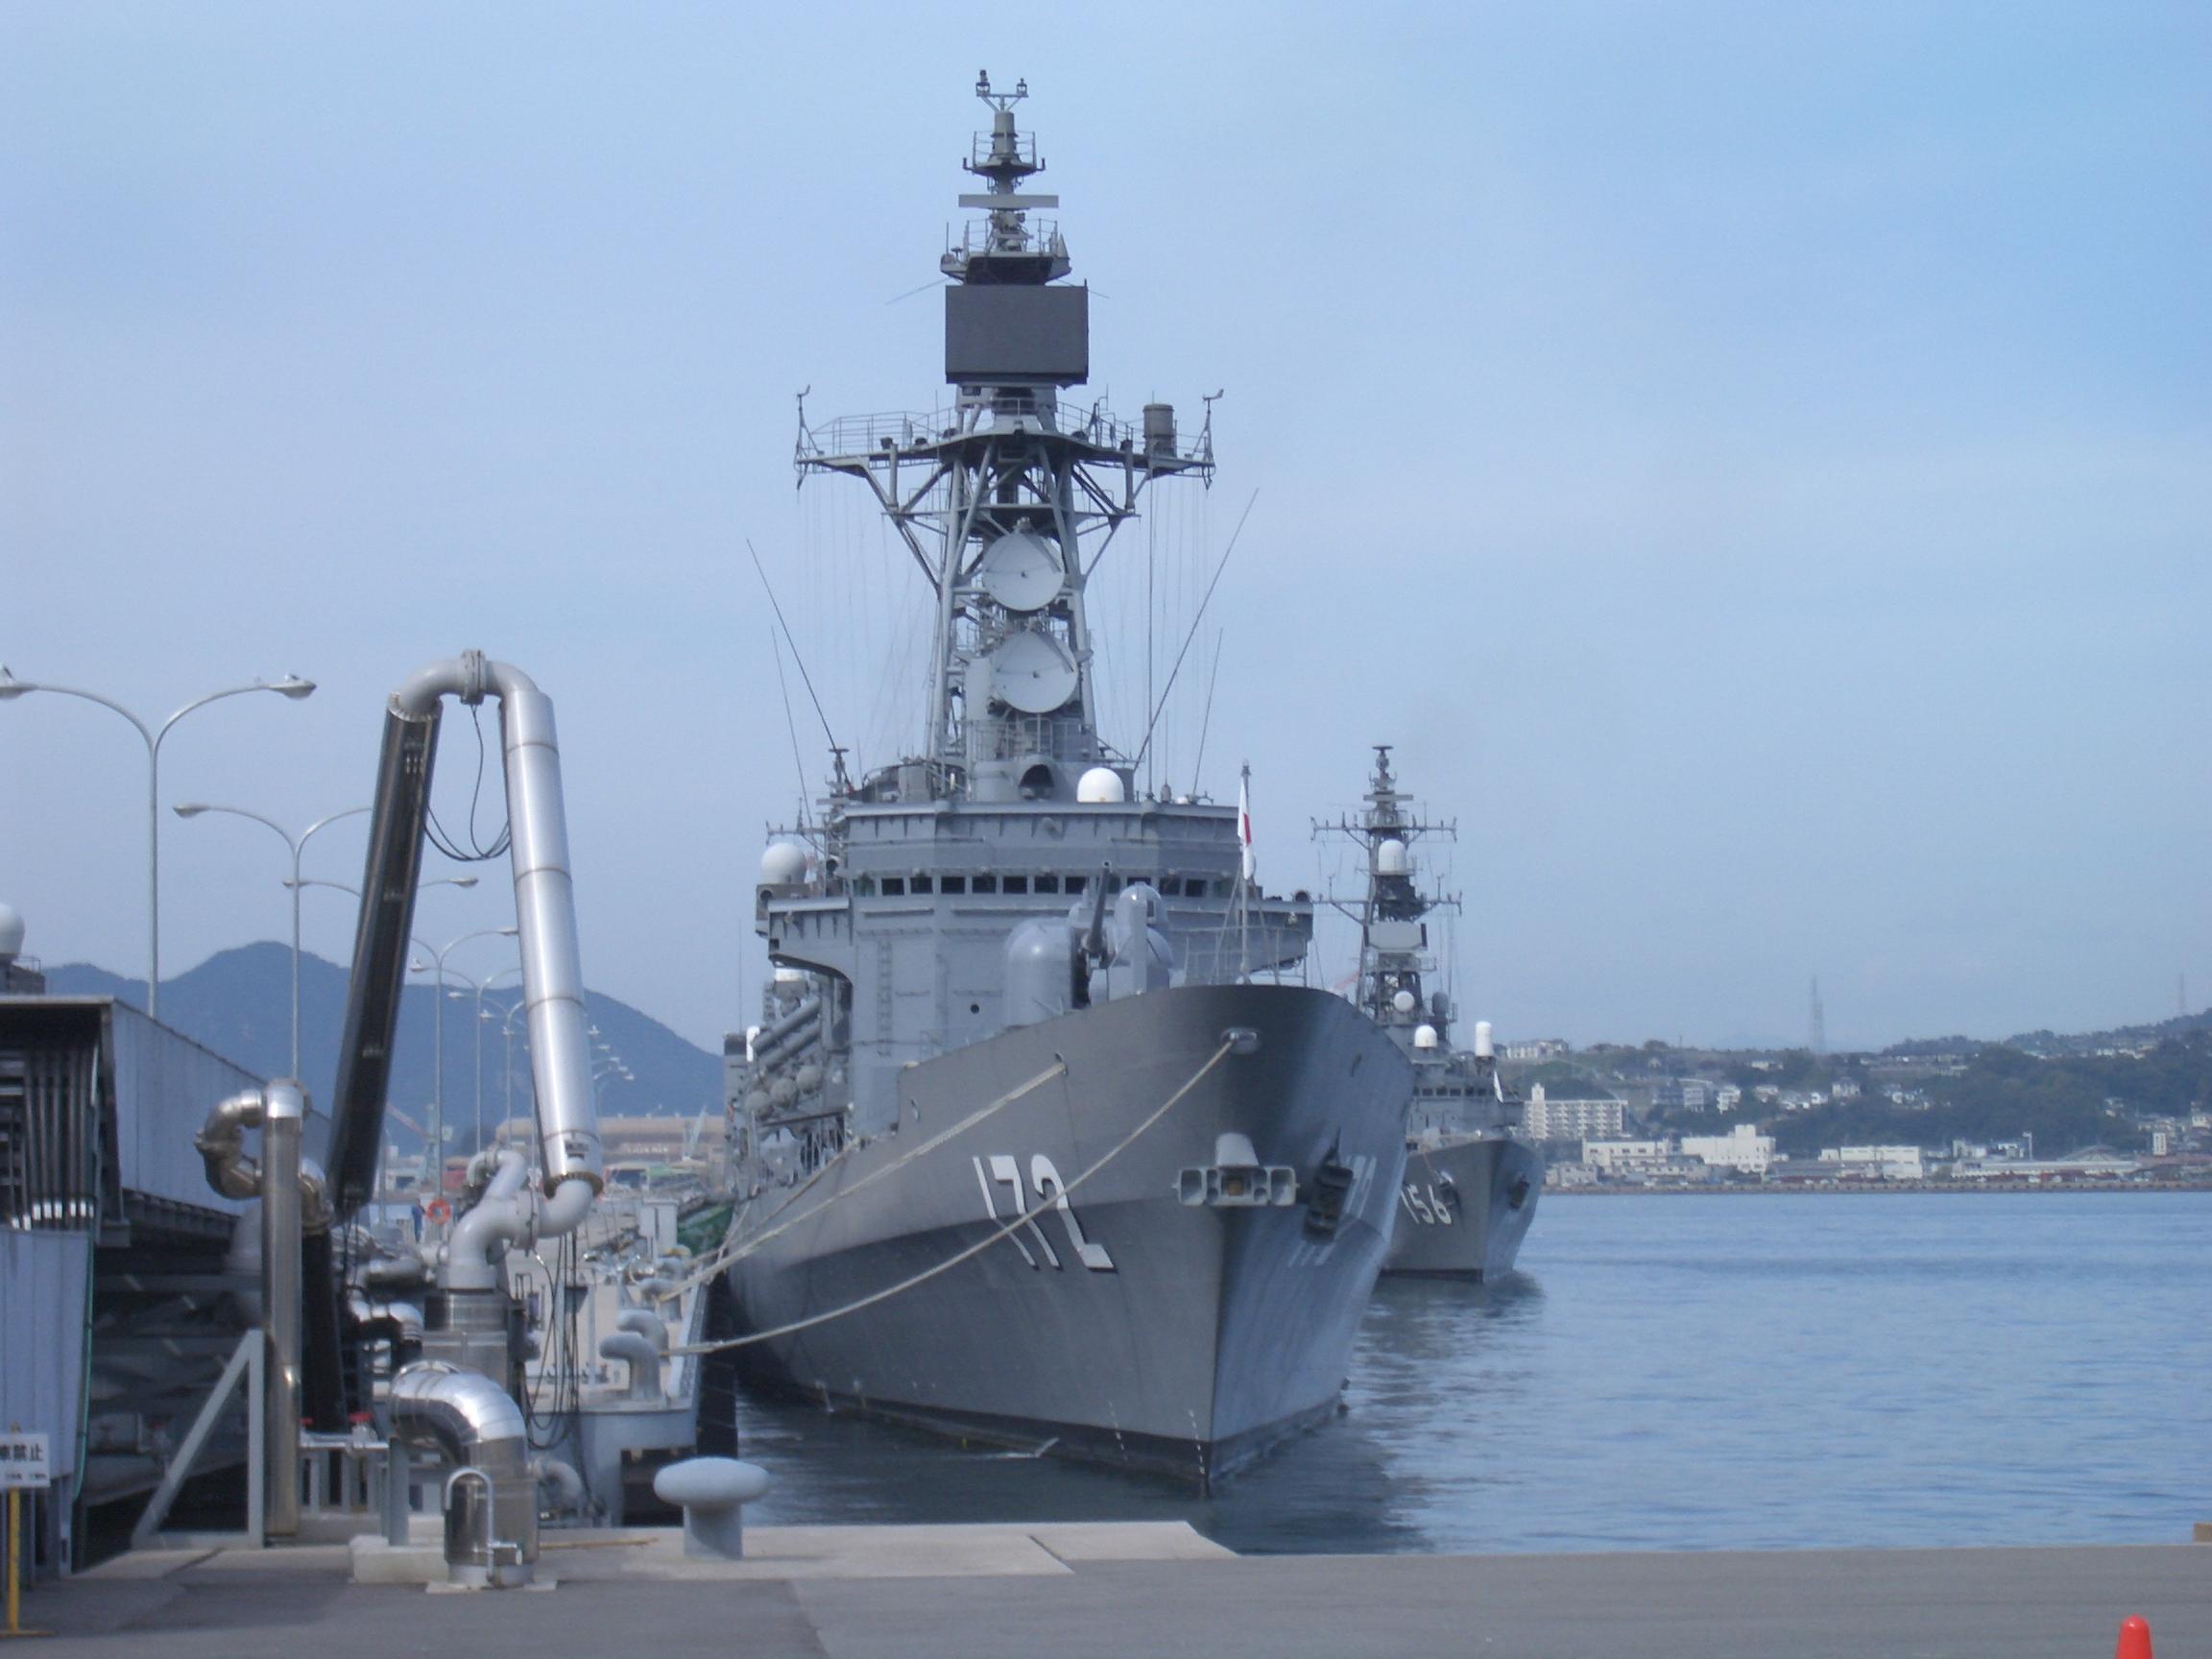 護衛艦しまかぜ 中国漁船と衝突